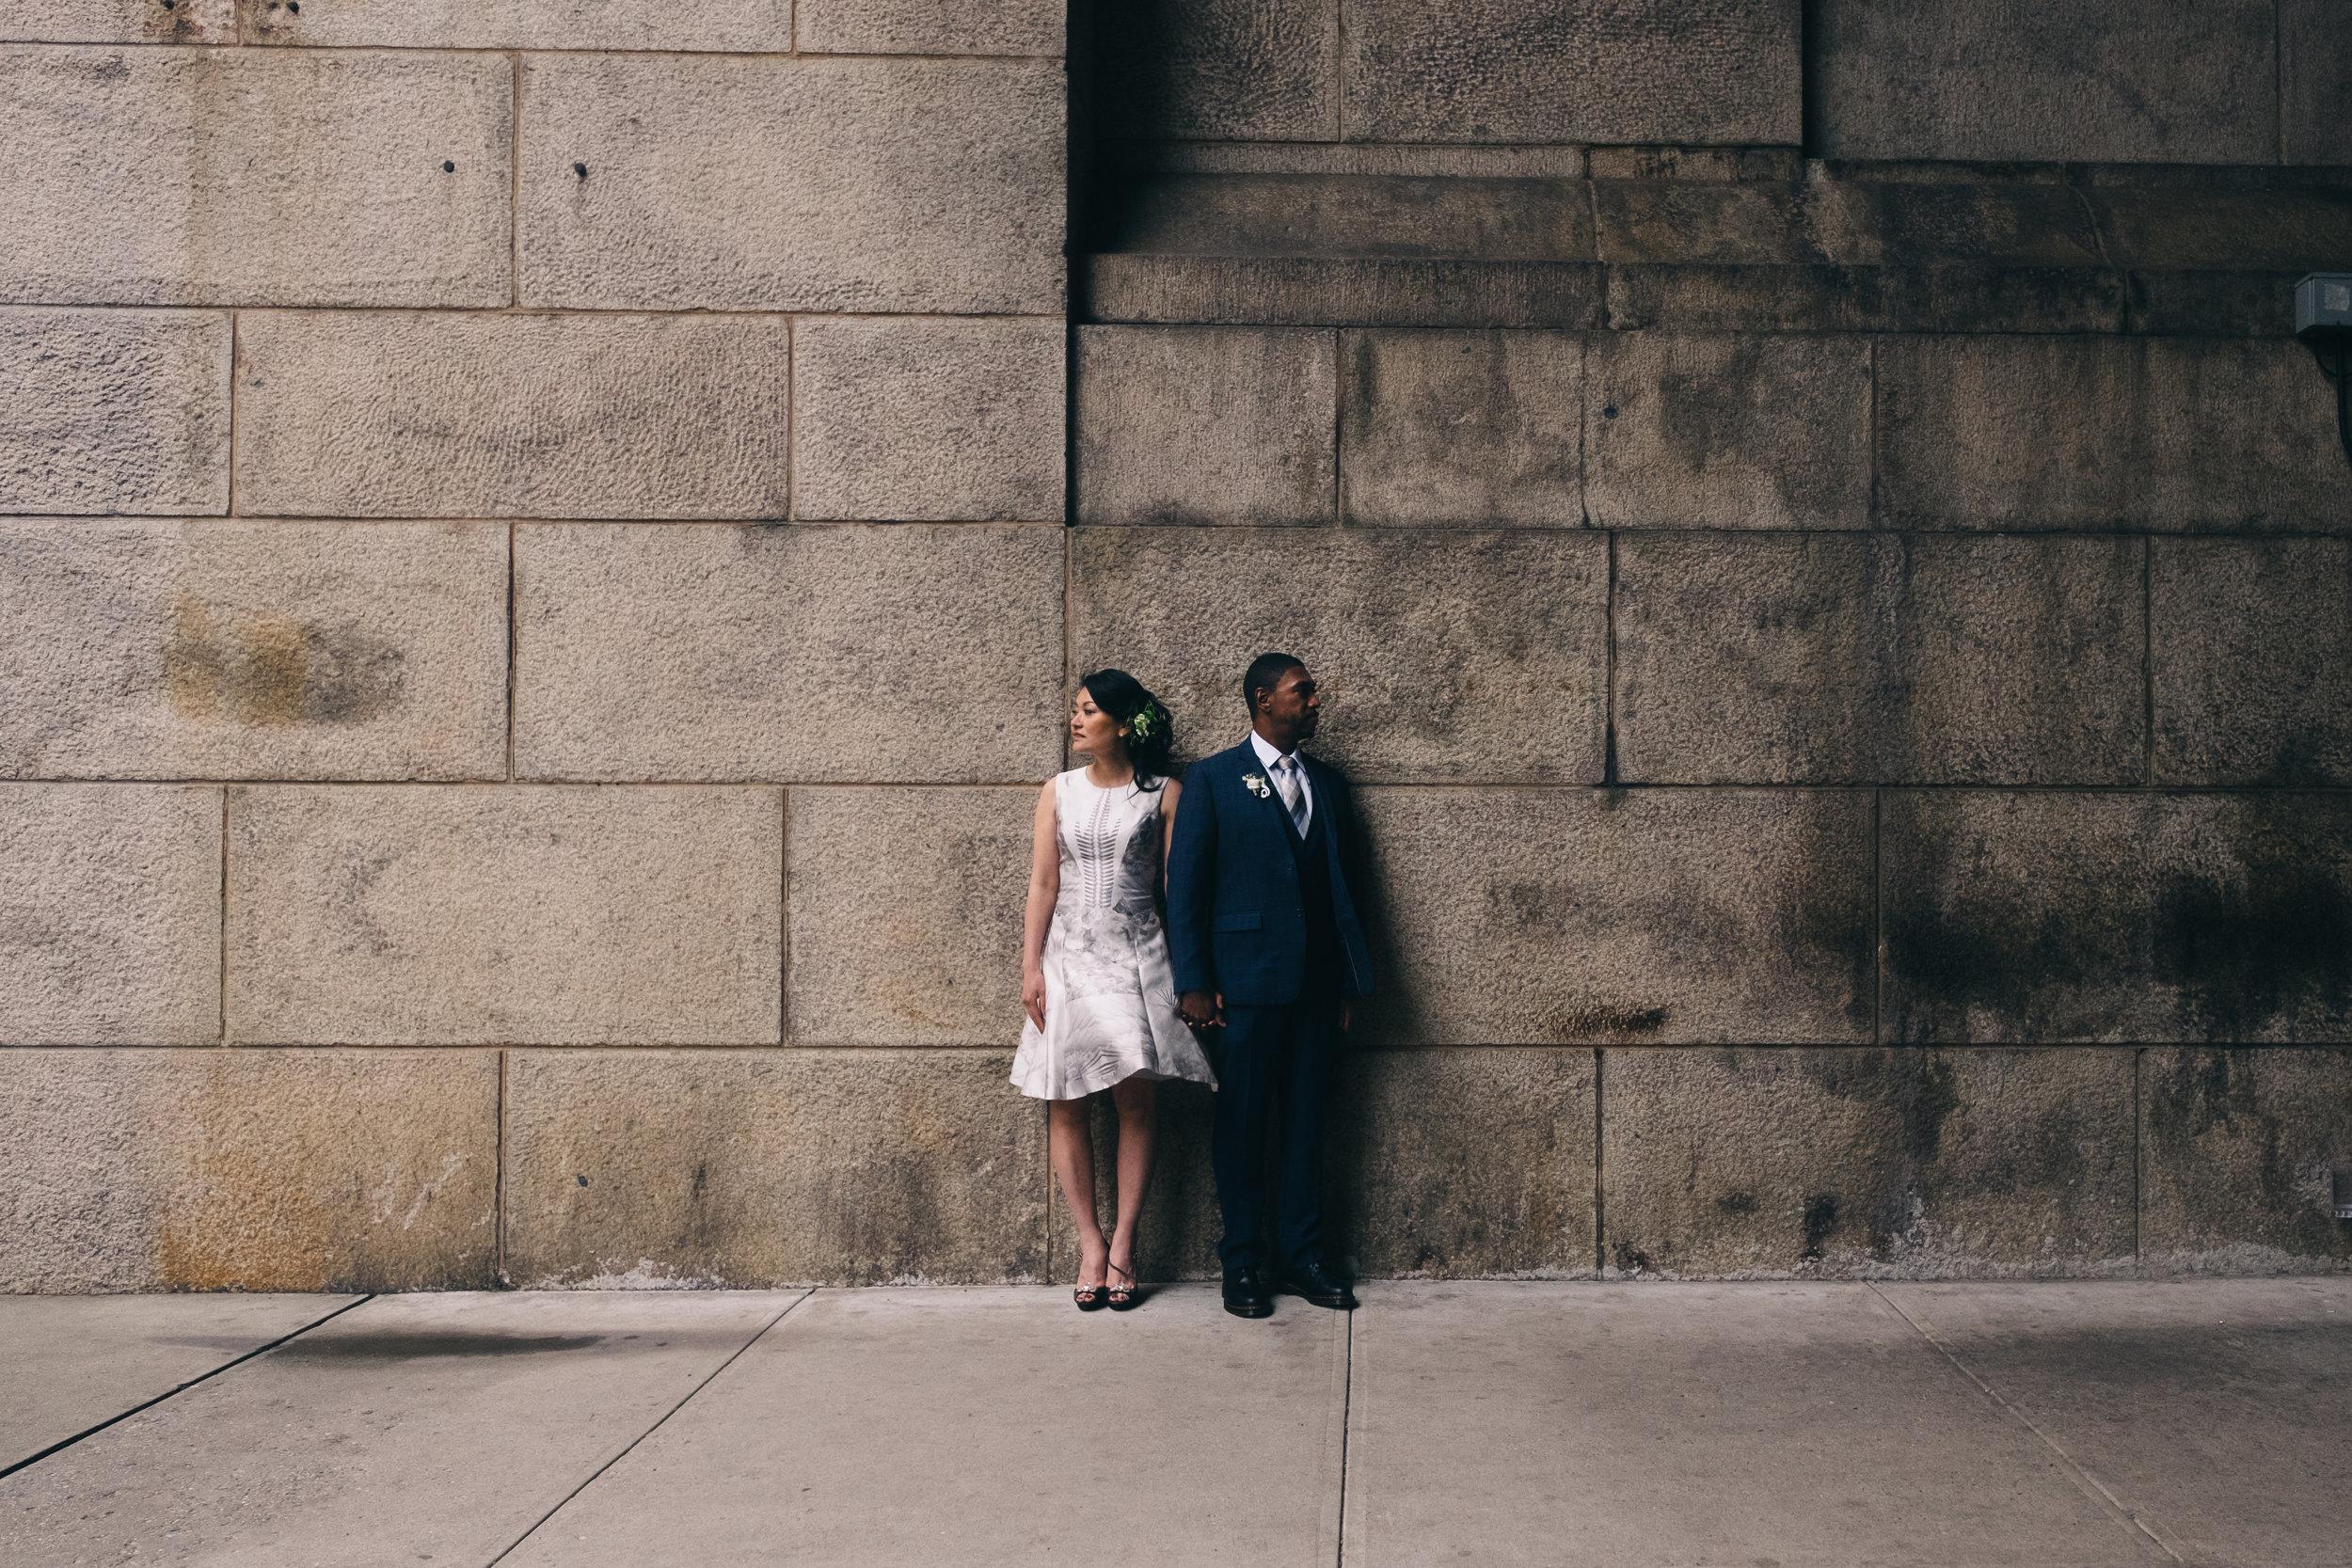 nycweddingphotography.jpg